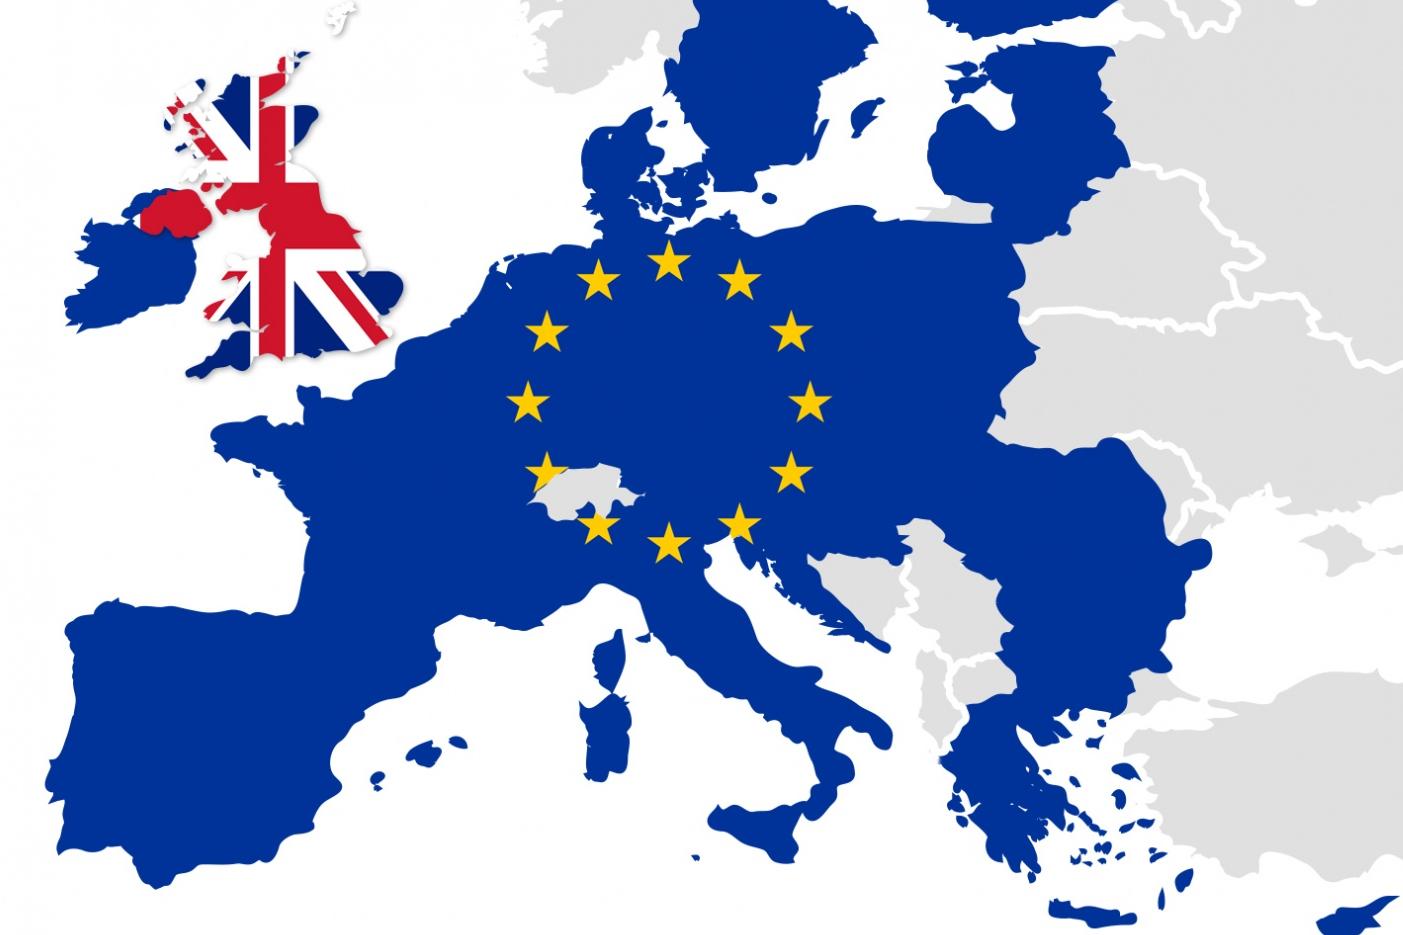 المتحدث بإسم الحكومة البريطانية: نرغب في التوصل إلى اتفاق تجاري بحلول أكتوبر